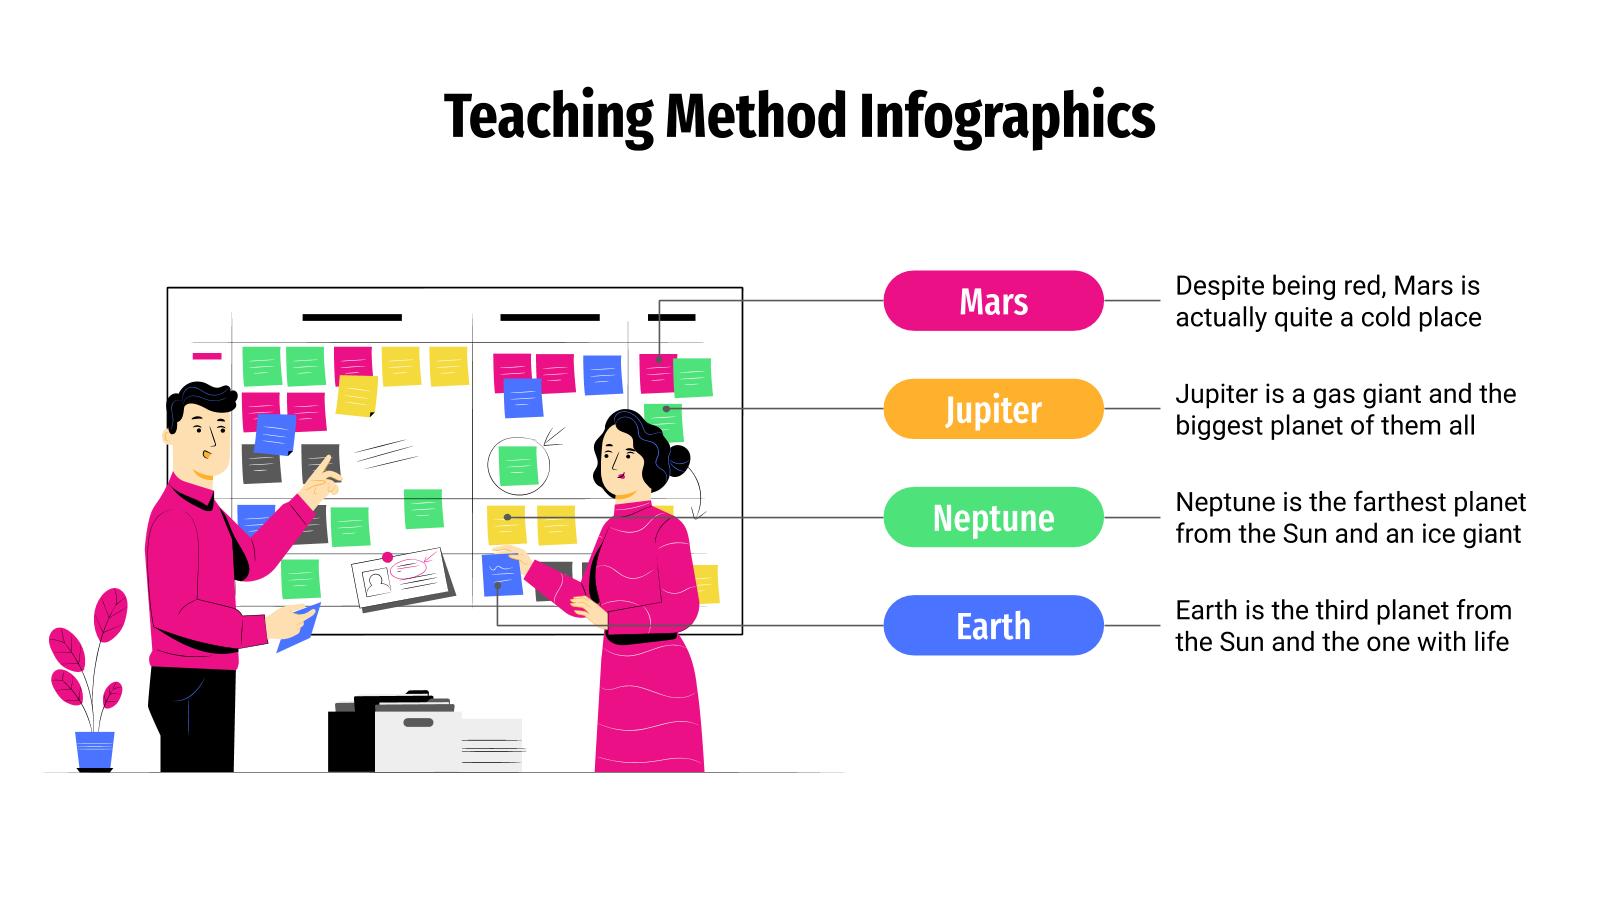 Infographies des méthodes d'enseignement : Modèles de présentation